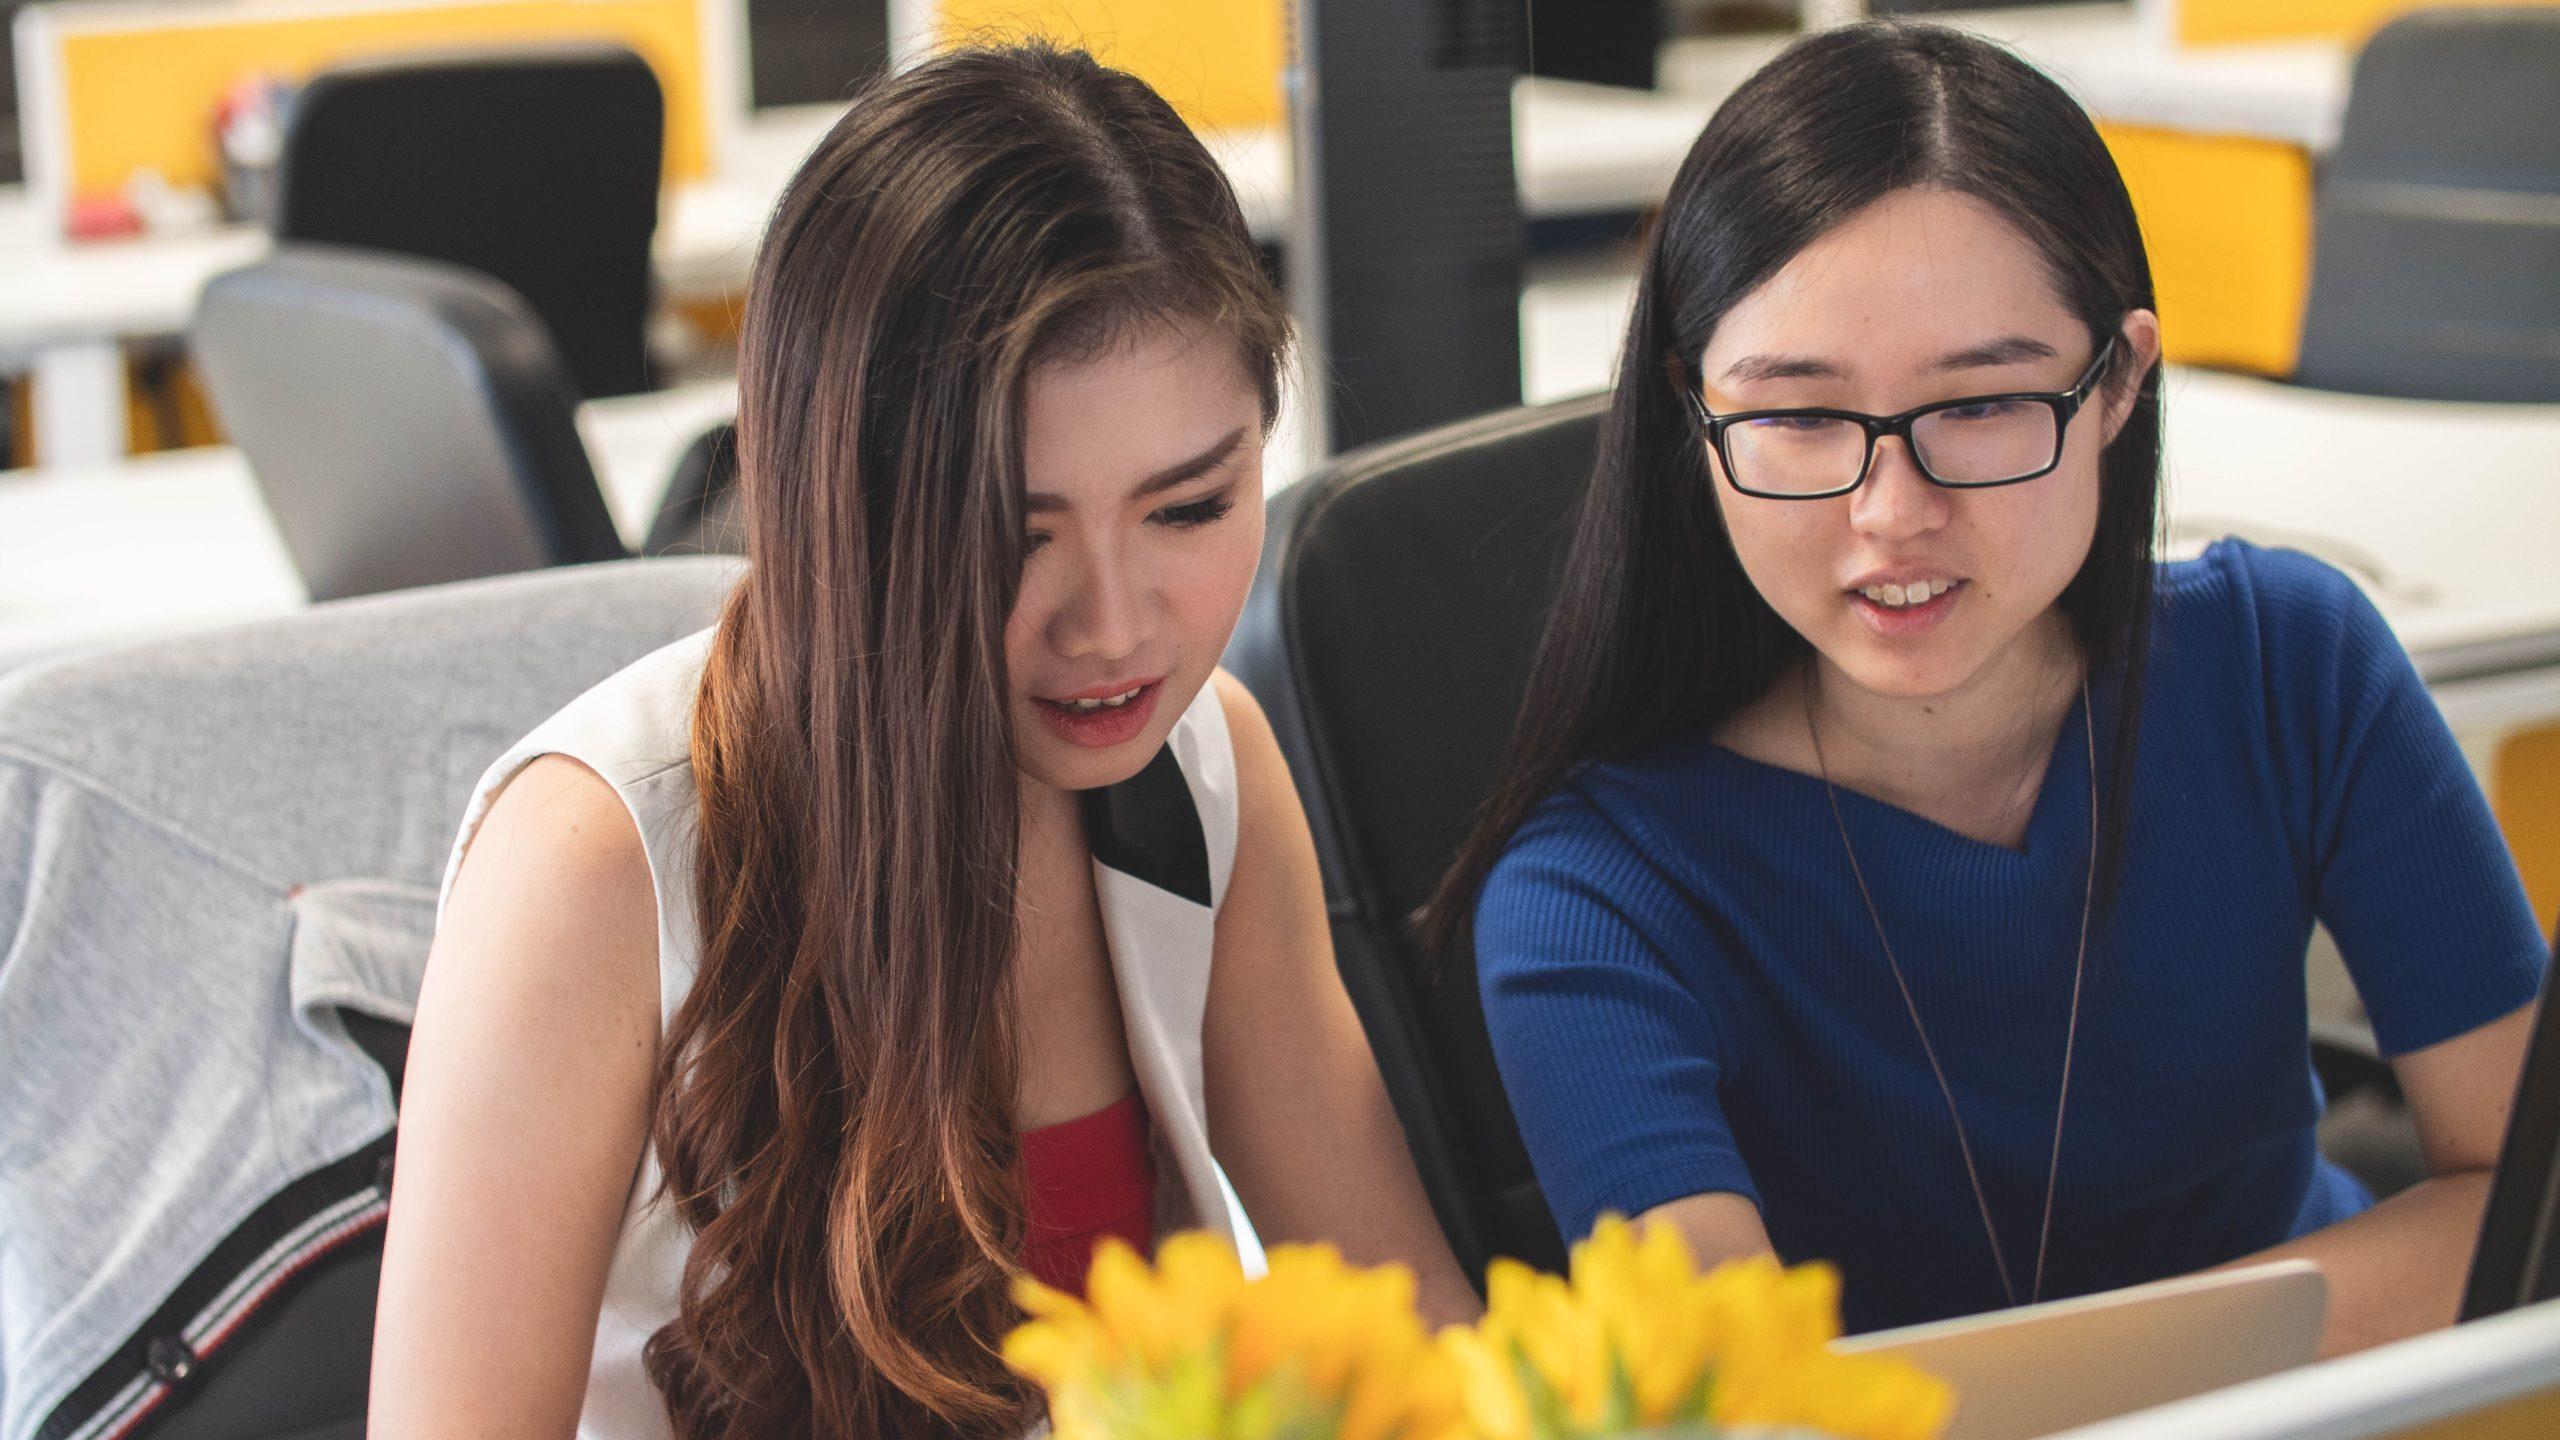 若い女性が2人で座って打合せをしている画像